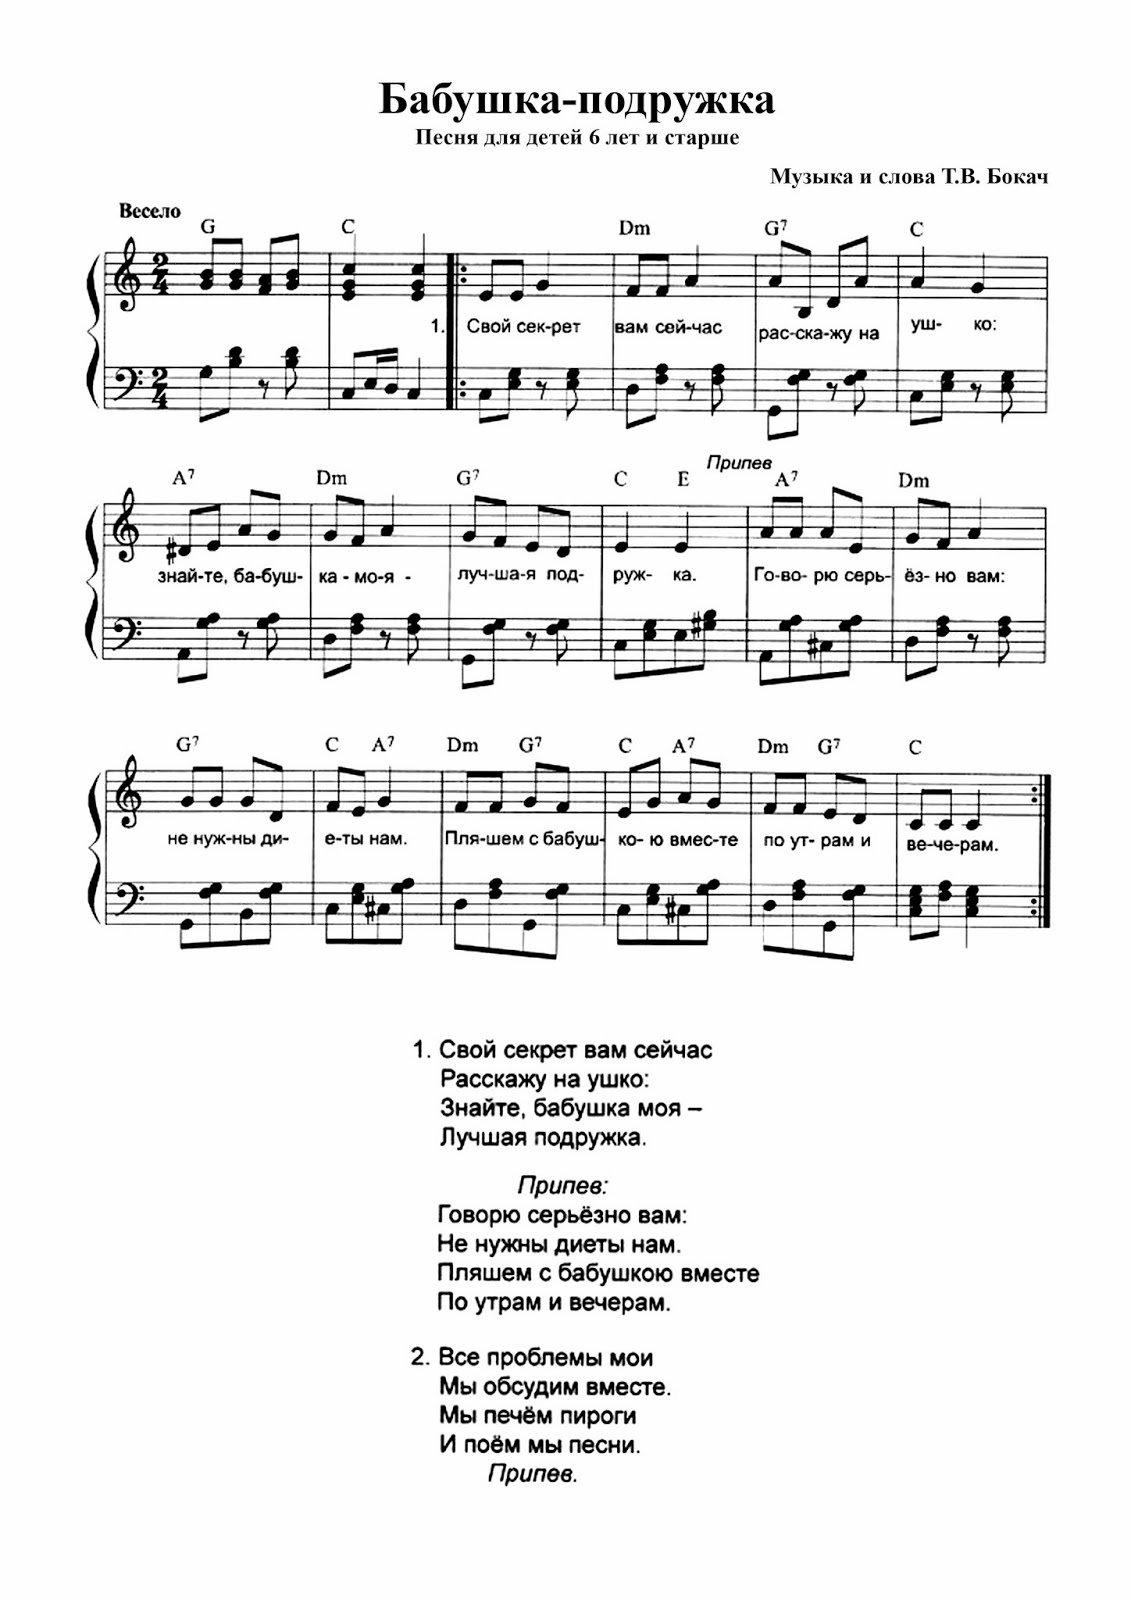 МИНУСОВКА ПЕСНИ БАБУШКИ-СТАРУШКИ СКАЧАТЬ БЕСПЛАТНО